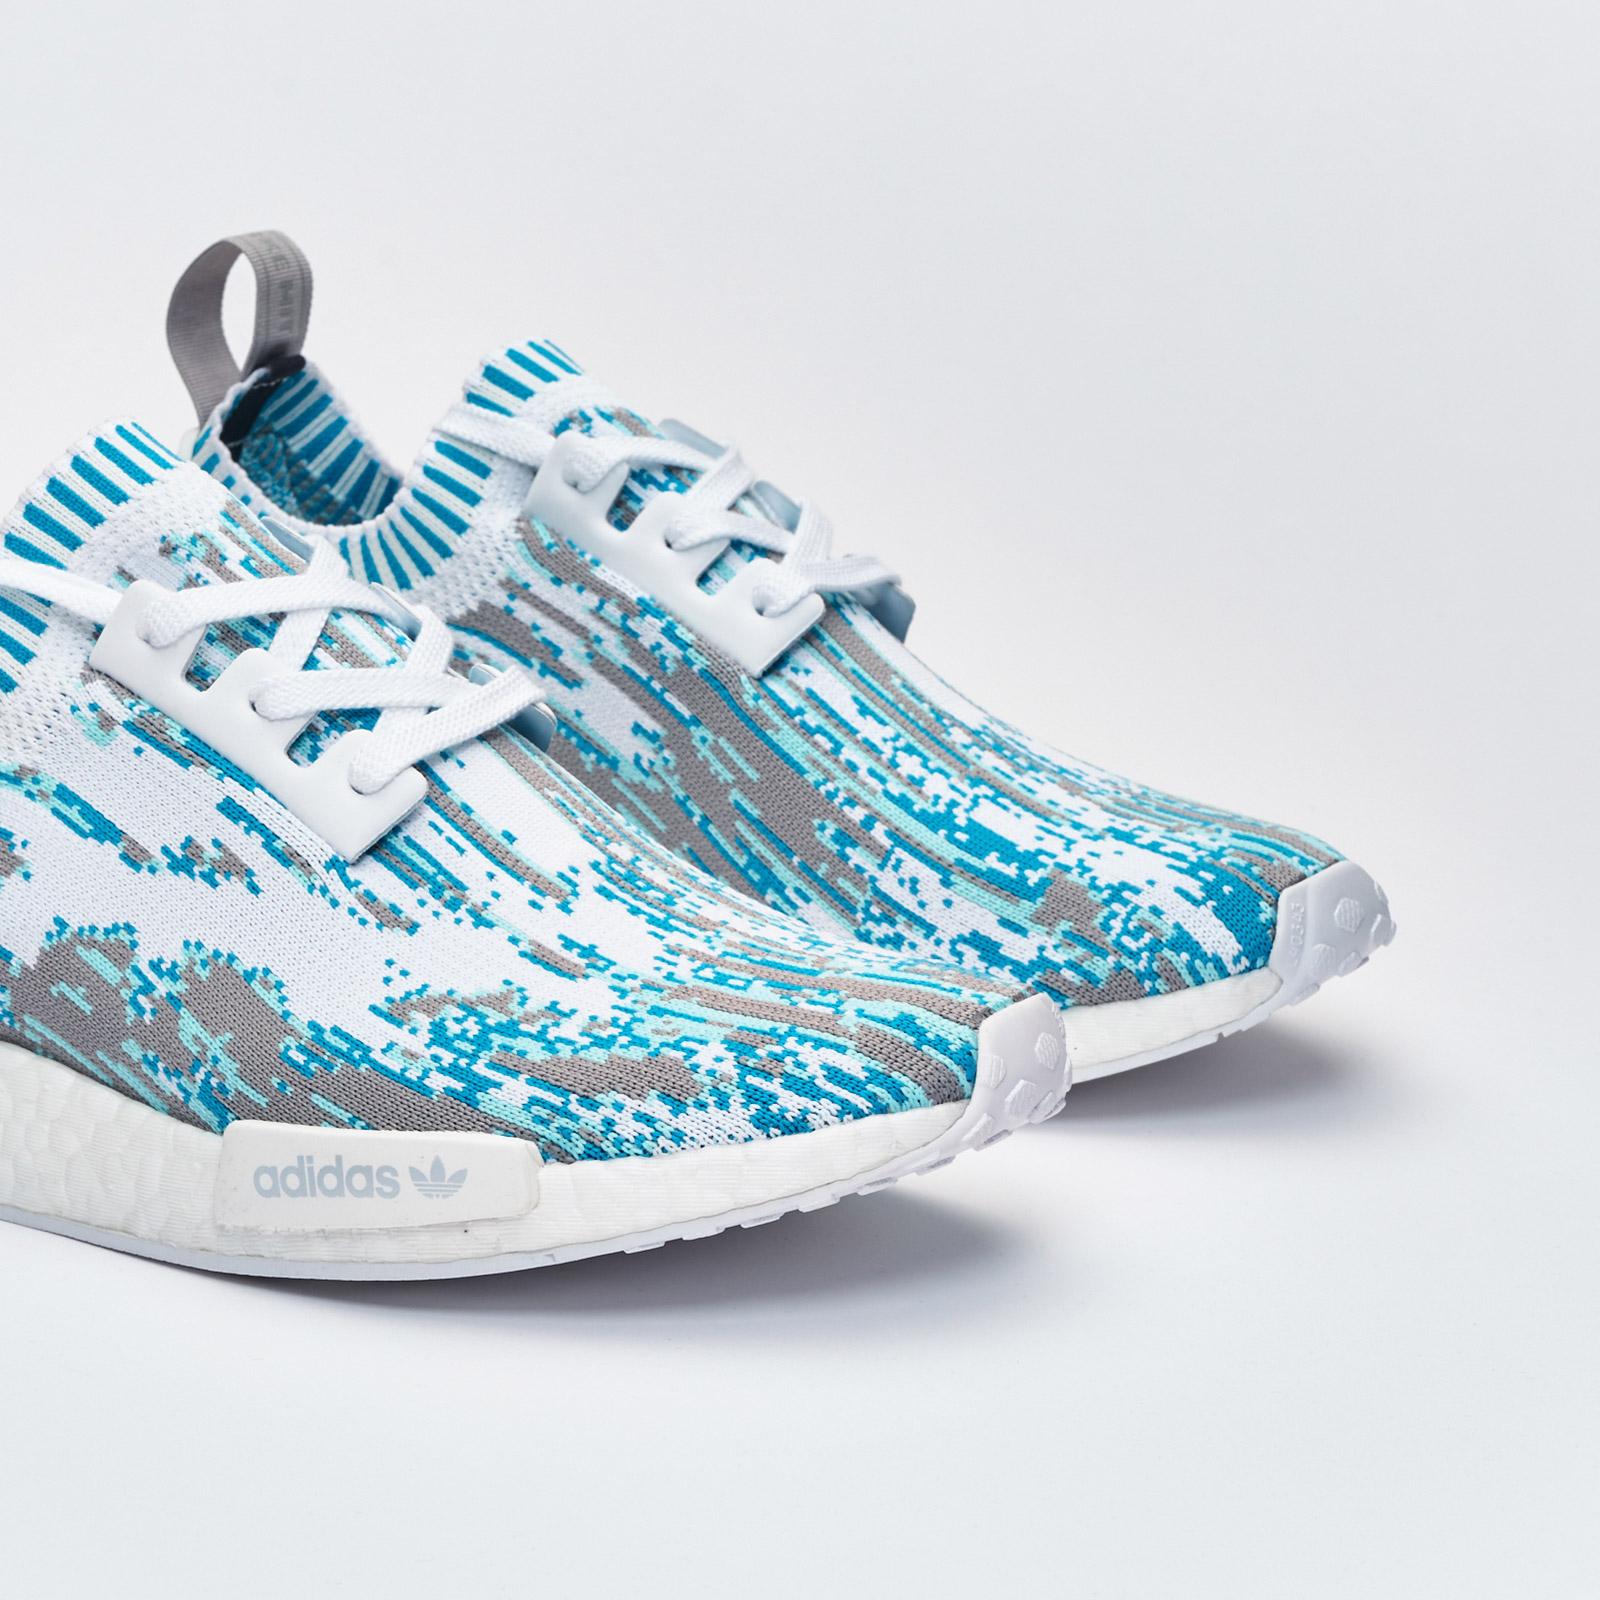 5f9f50f6b05d2 adidas NMD R1 PK - Bb6364 - Sneakersnstuff